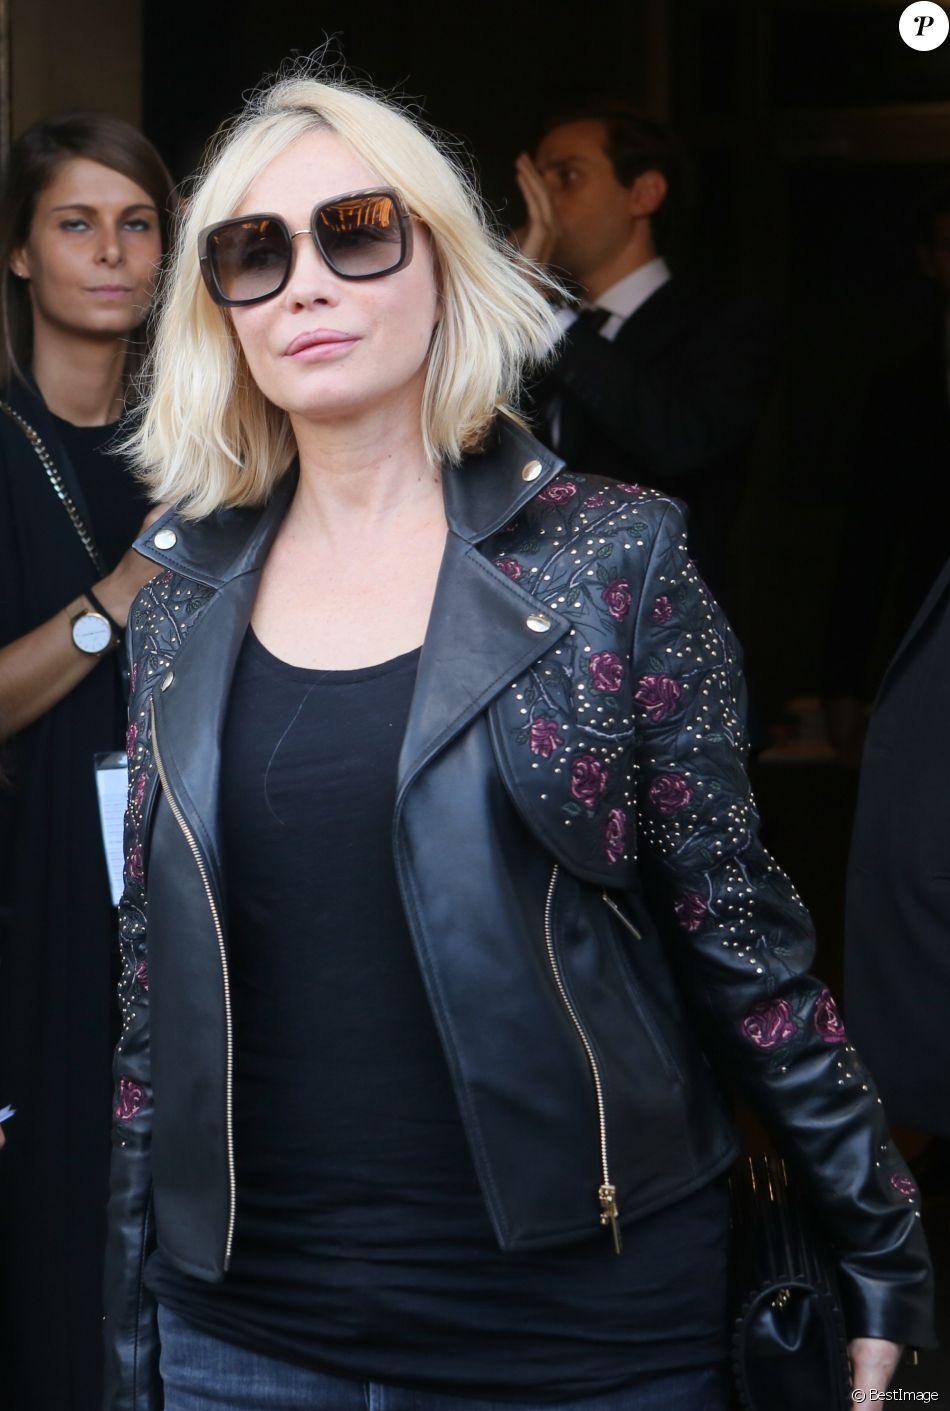 Emmanuelle Béart - People à la sortie du défilé de mode Elie Saab collection prêt-à-porter Printemps/Eté 2018 lors de la fashion week à Paris, le 30 septembre 2017. © CVS/Veeren/Bestimage